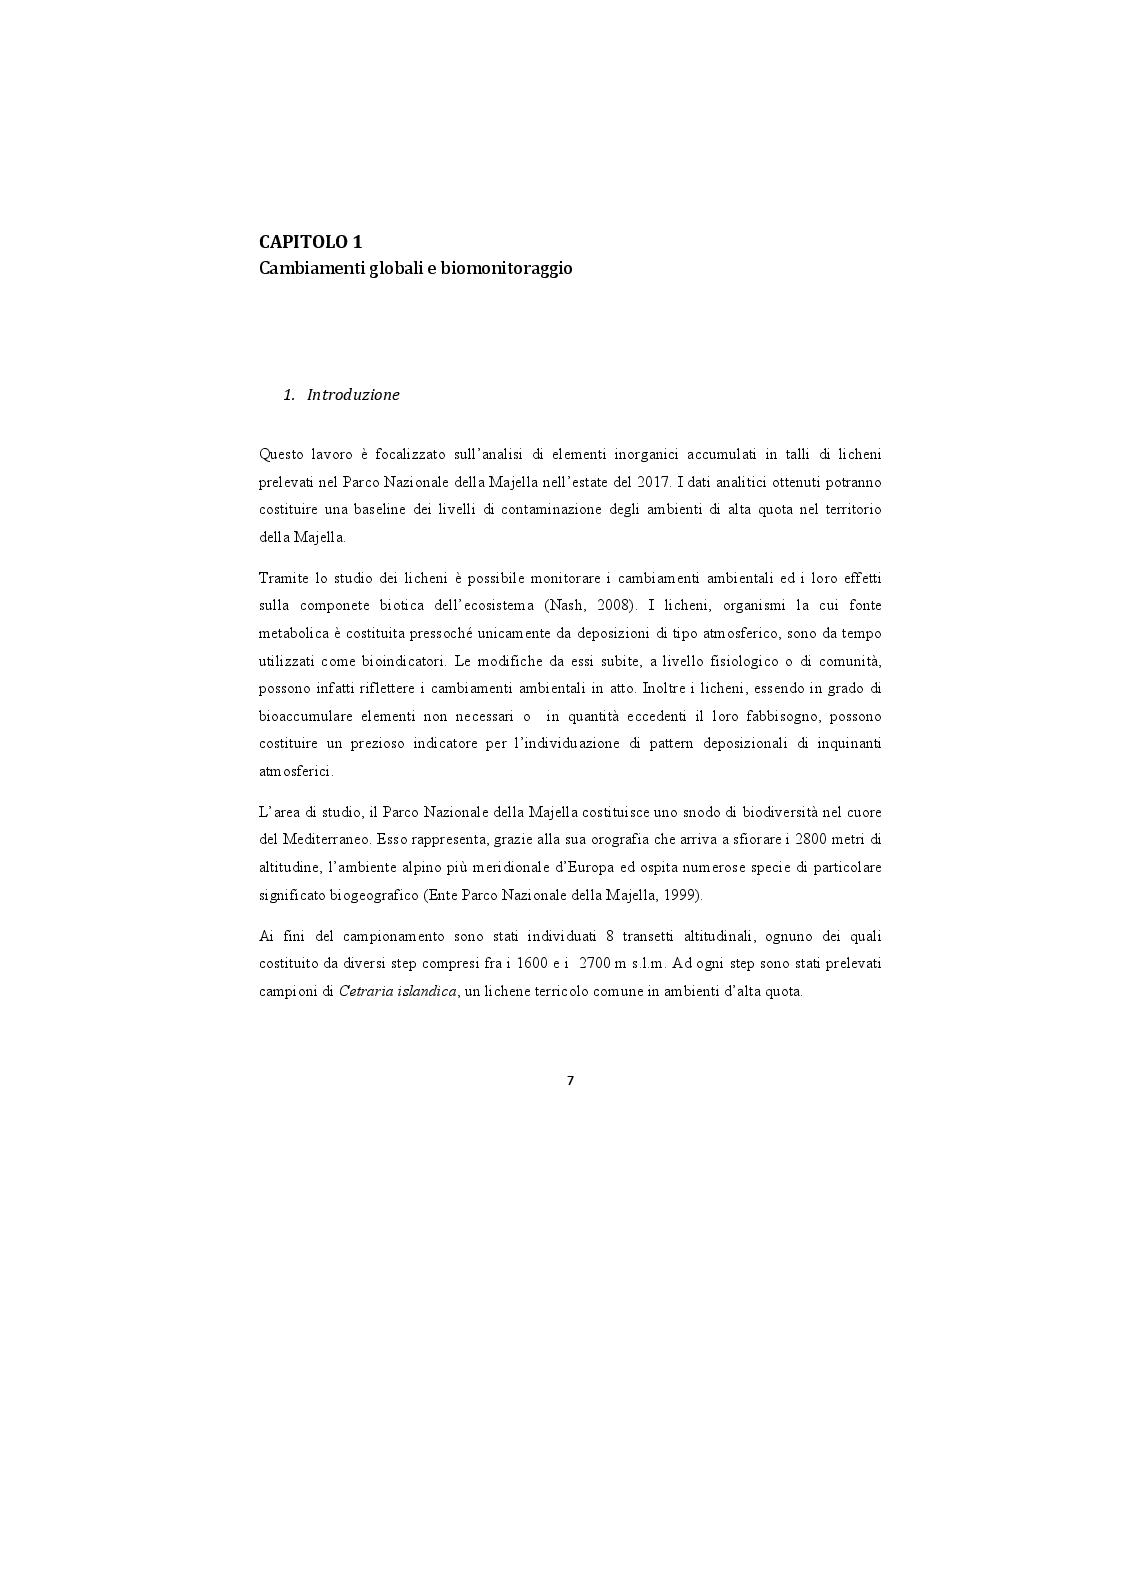 Anteprima della tesi: Analisi di campioni di licheni prelevati nel Parco Nazionale della Majella per la definizione di una baseline di elementi inorganici, Pagina 2